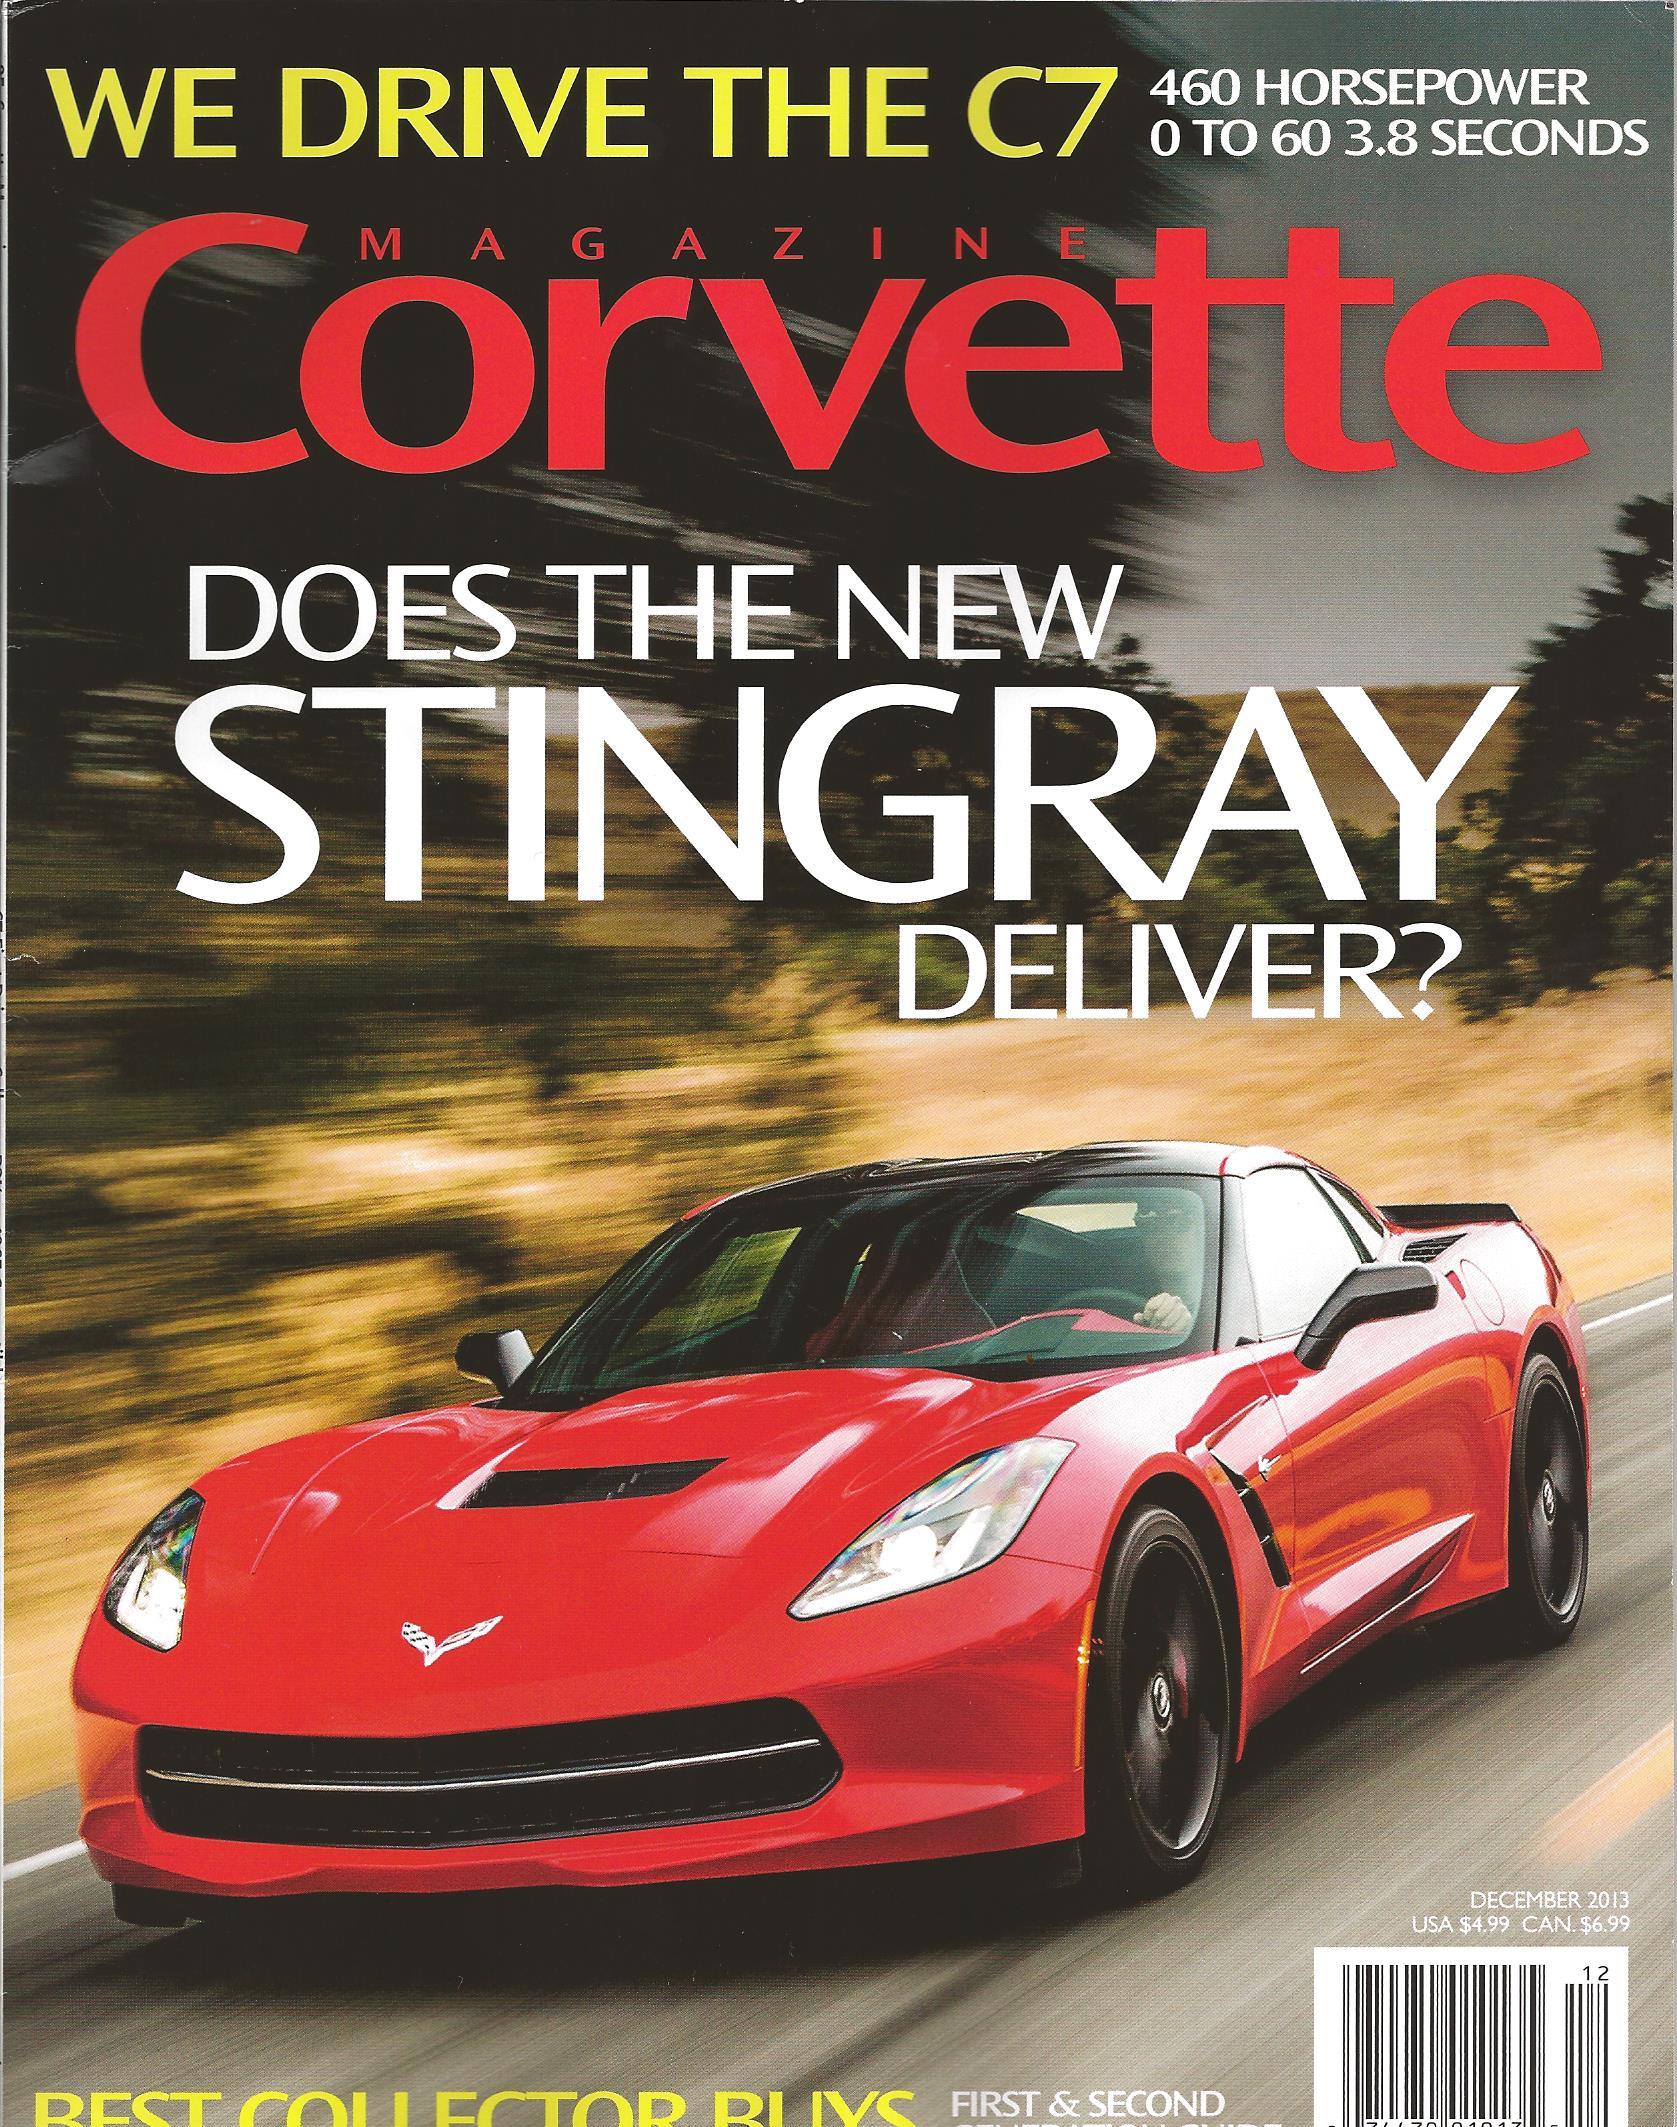 Corvette Magazine Dec - Sports cars magazine